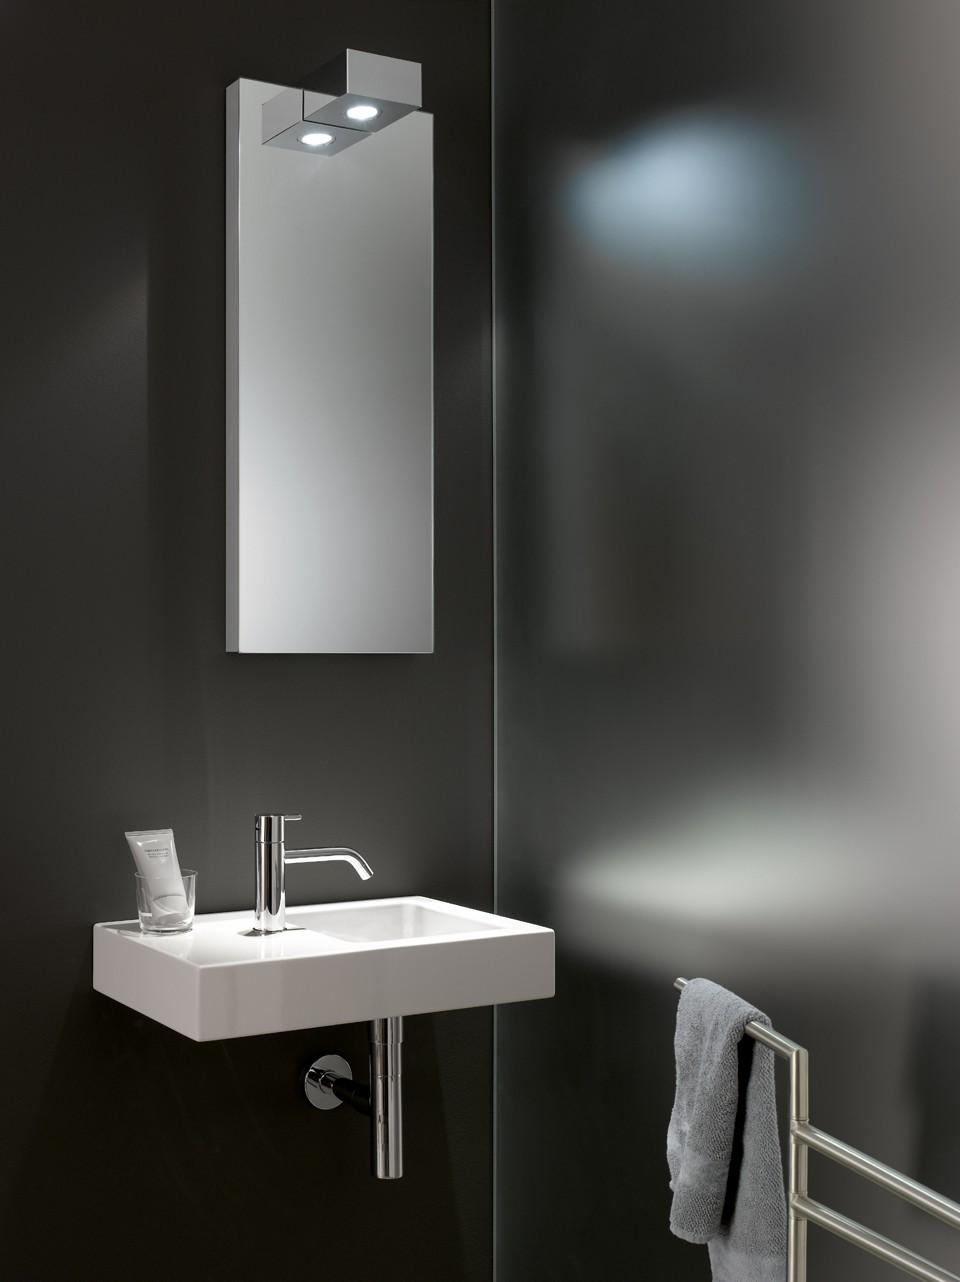 Spiegel Für Gäste Wc : spiegel mit beleuchtung g ste wc hause dekoration ideen ~ Watch28wear.com Haus und Dekorationen